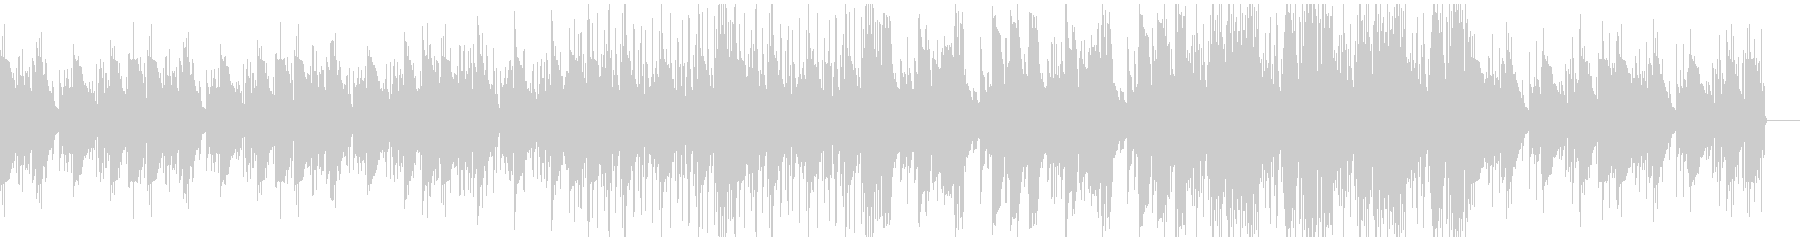 切ない雰囲気のローファイヒップホップの未再生の波形